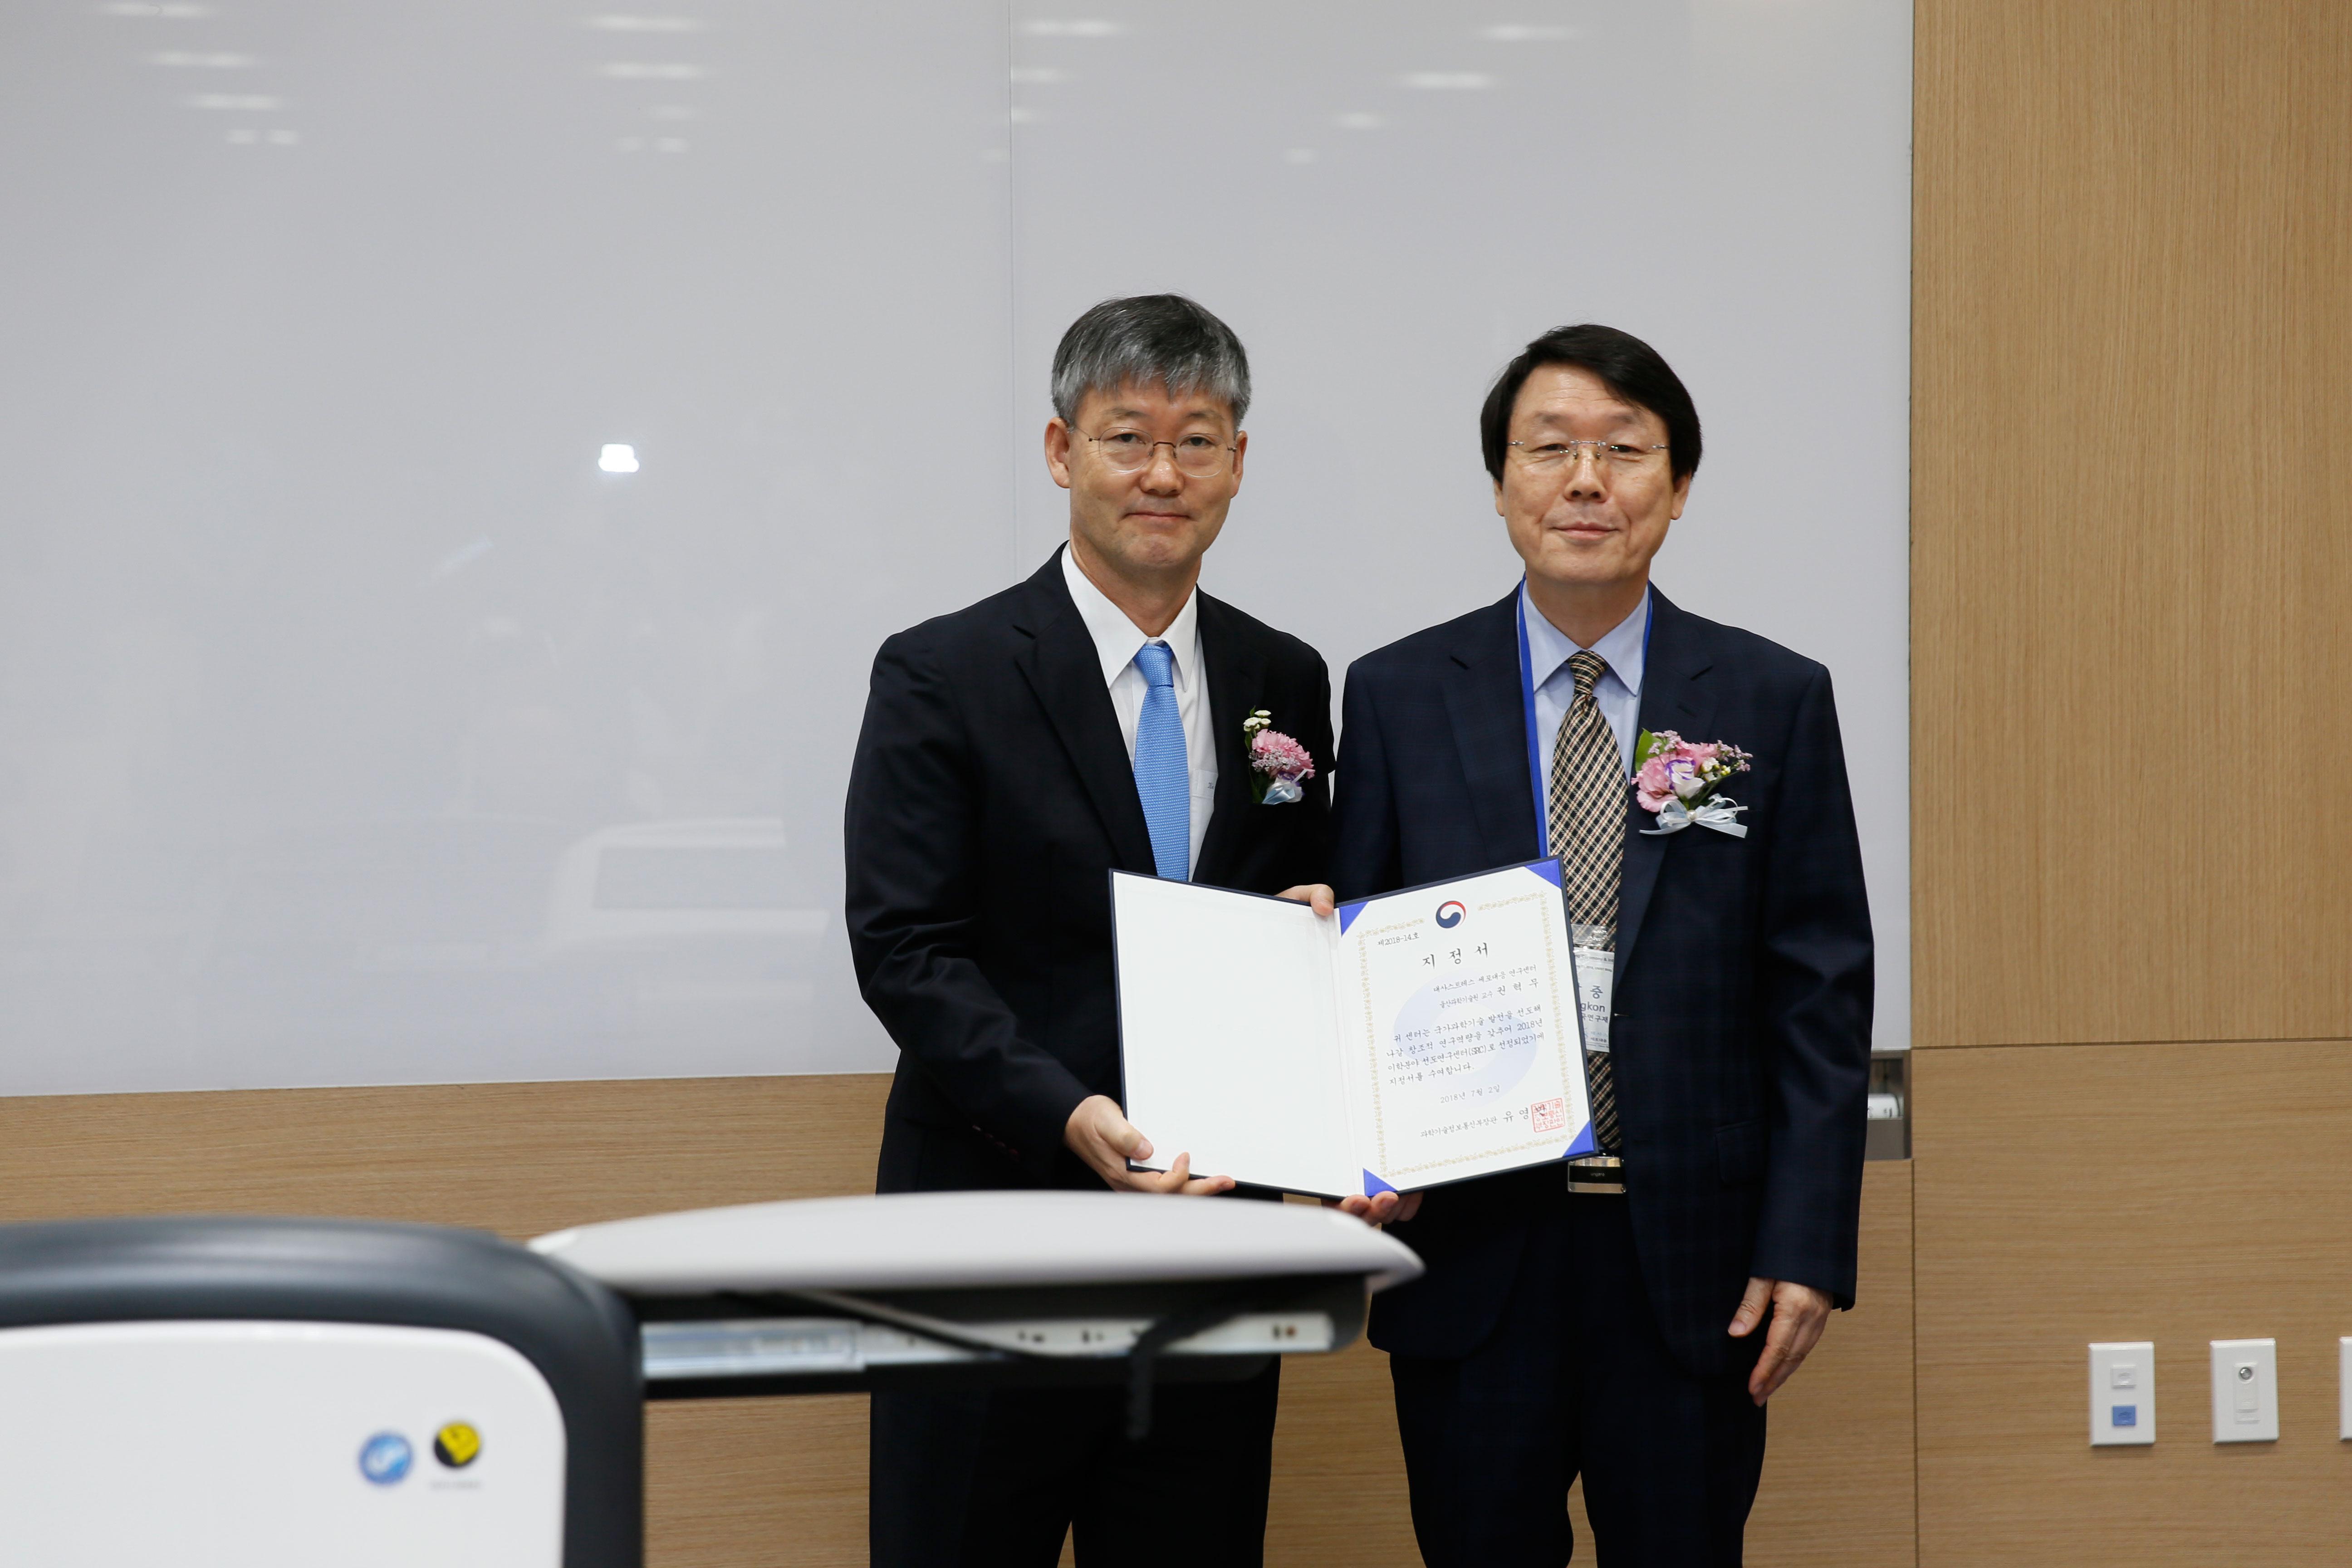 박중곤 한국연구재단 공학단장(오른쪽)이 권혁무 센터장(왼쪽)에게 연구센터 지정서를 전달했다. | 사진: 김경채